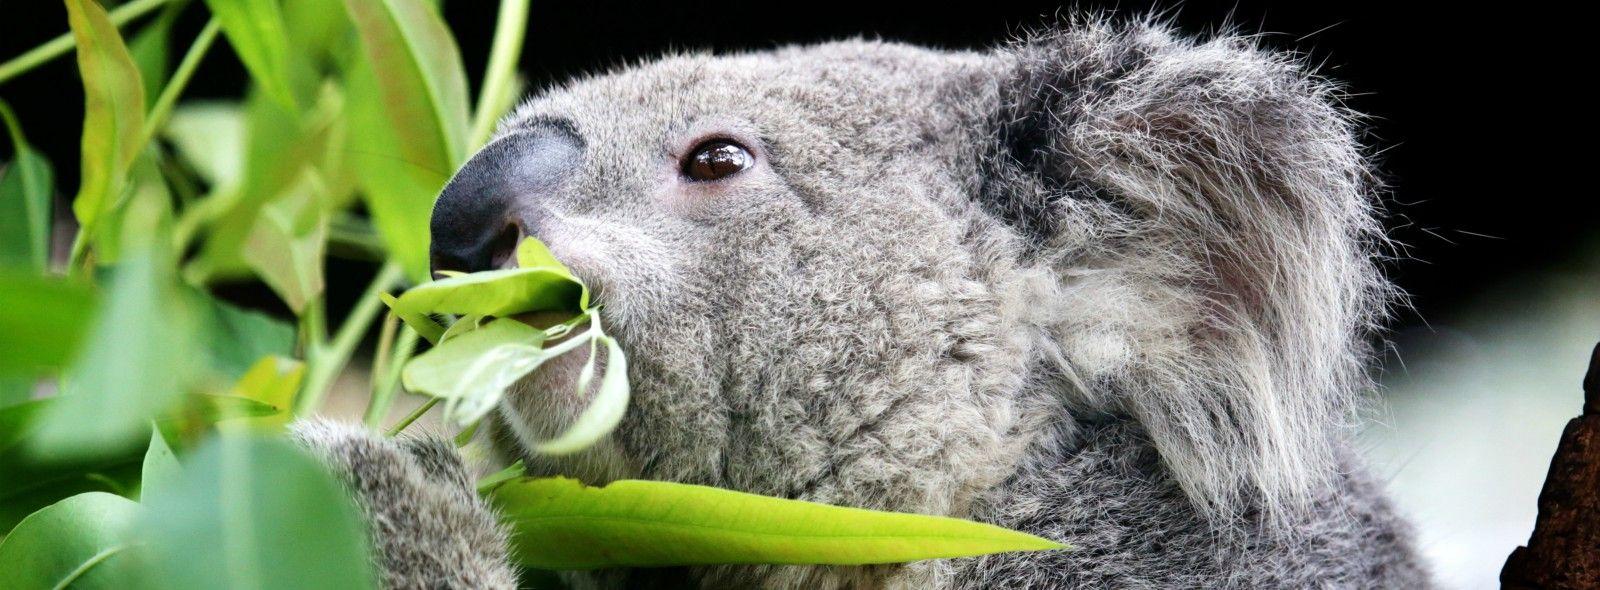 Il koala cosa mangia?